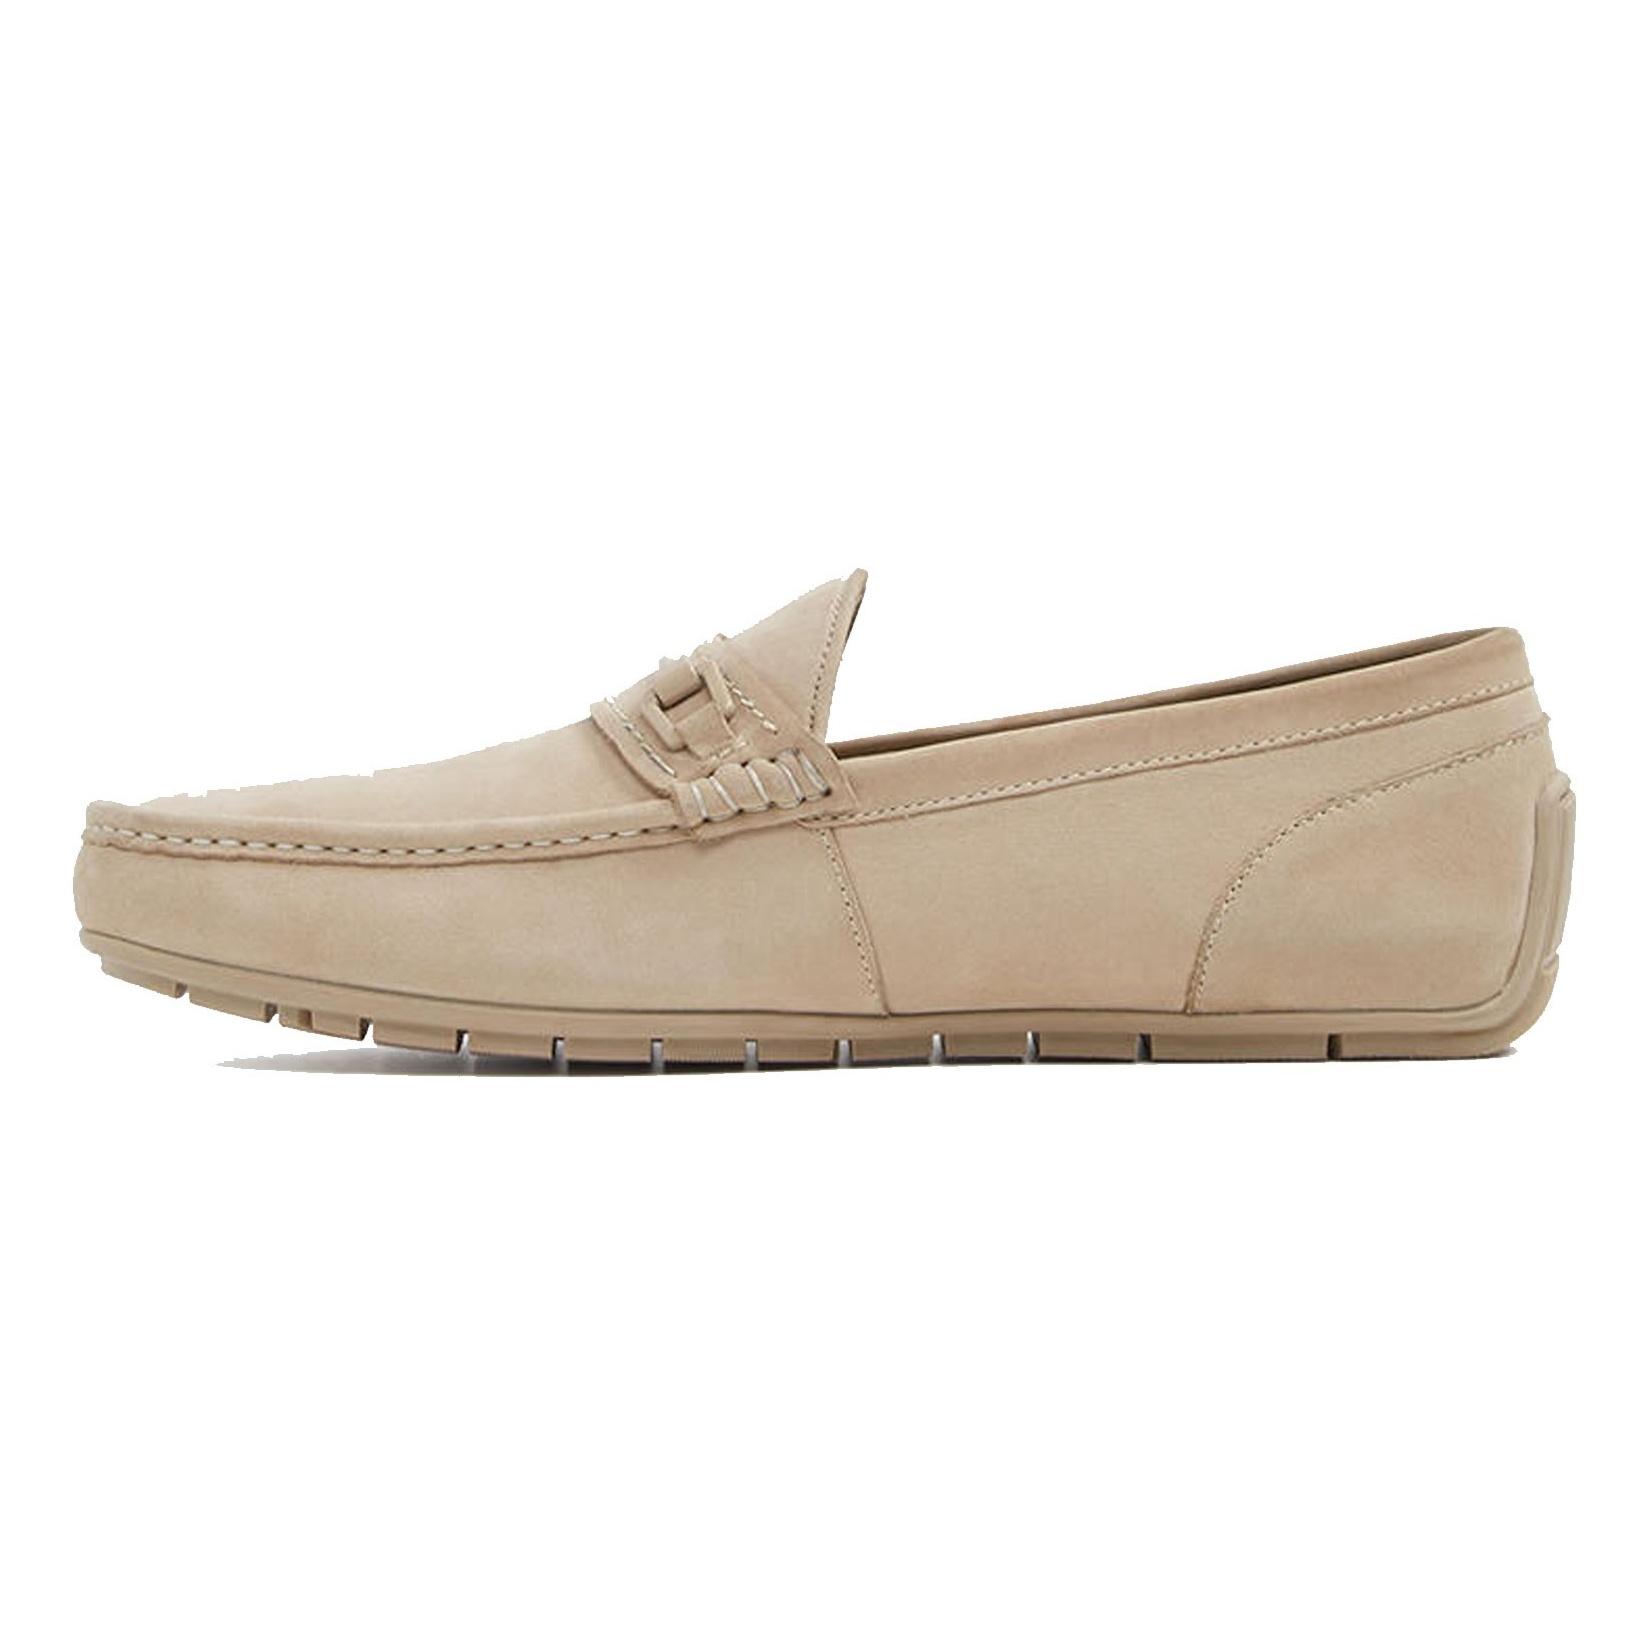 کفش چرم راحتی یکسره مردانه - آلدو - کرم - 2